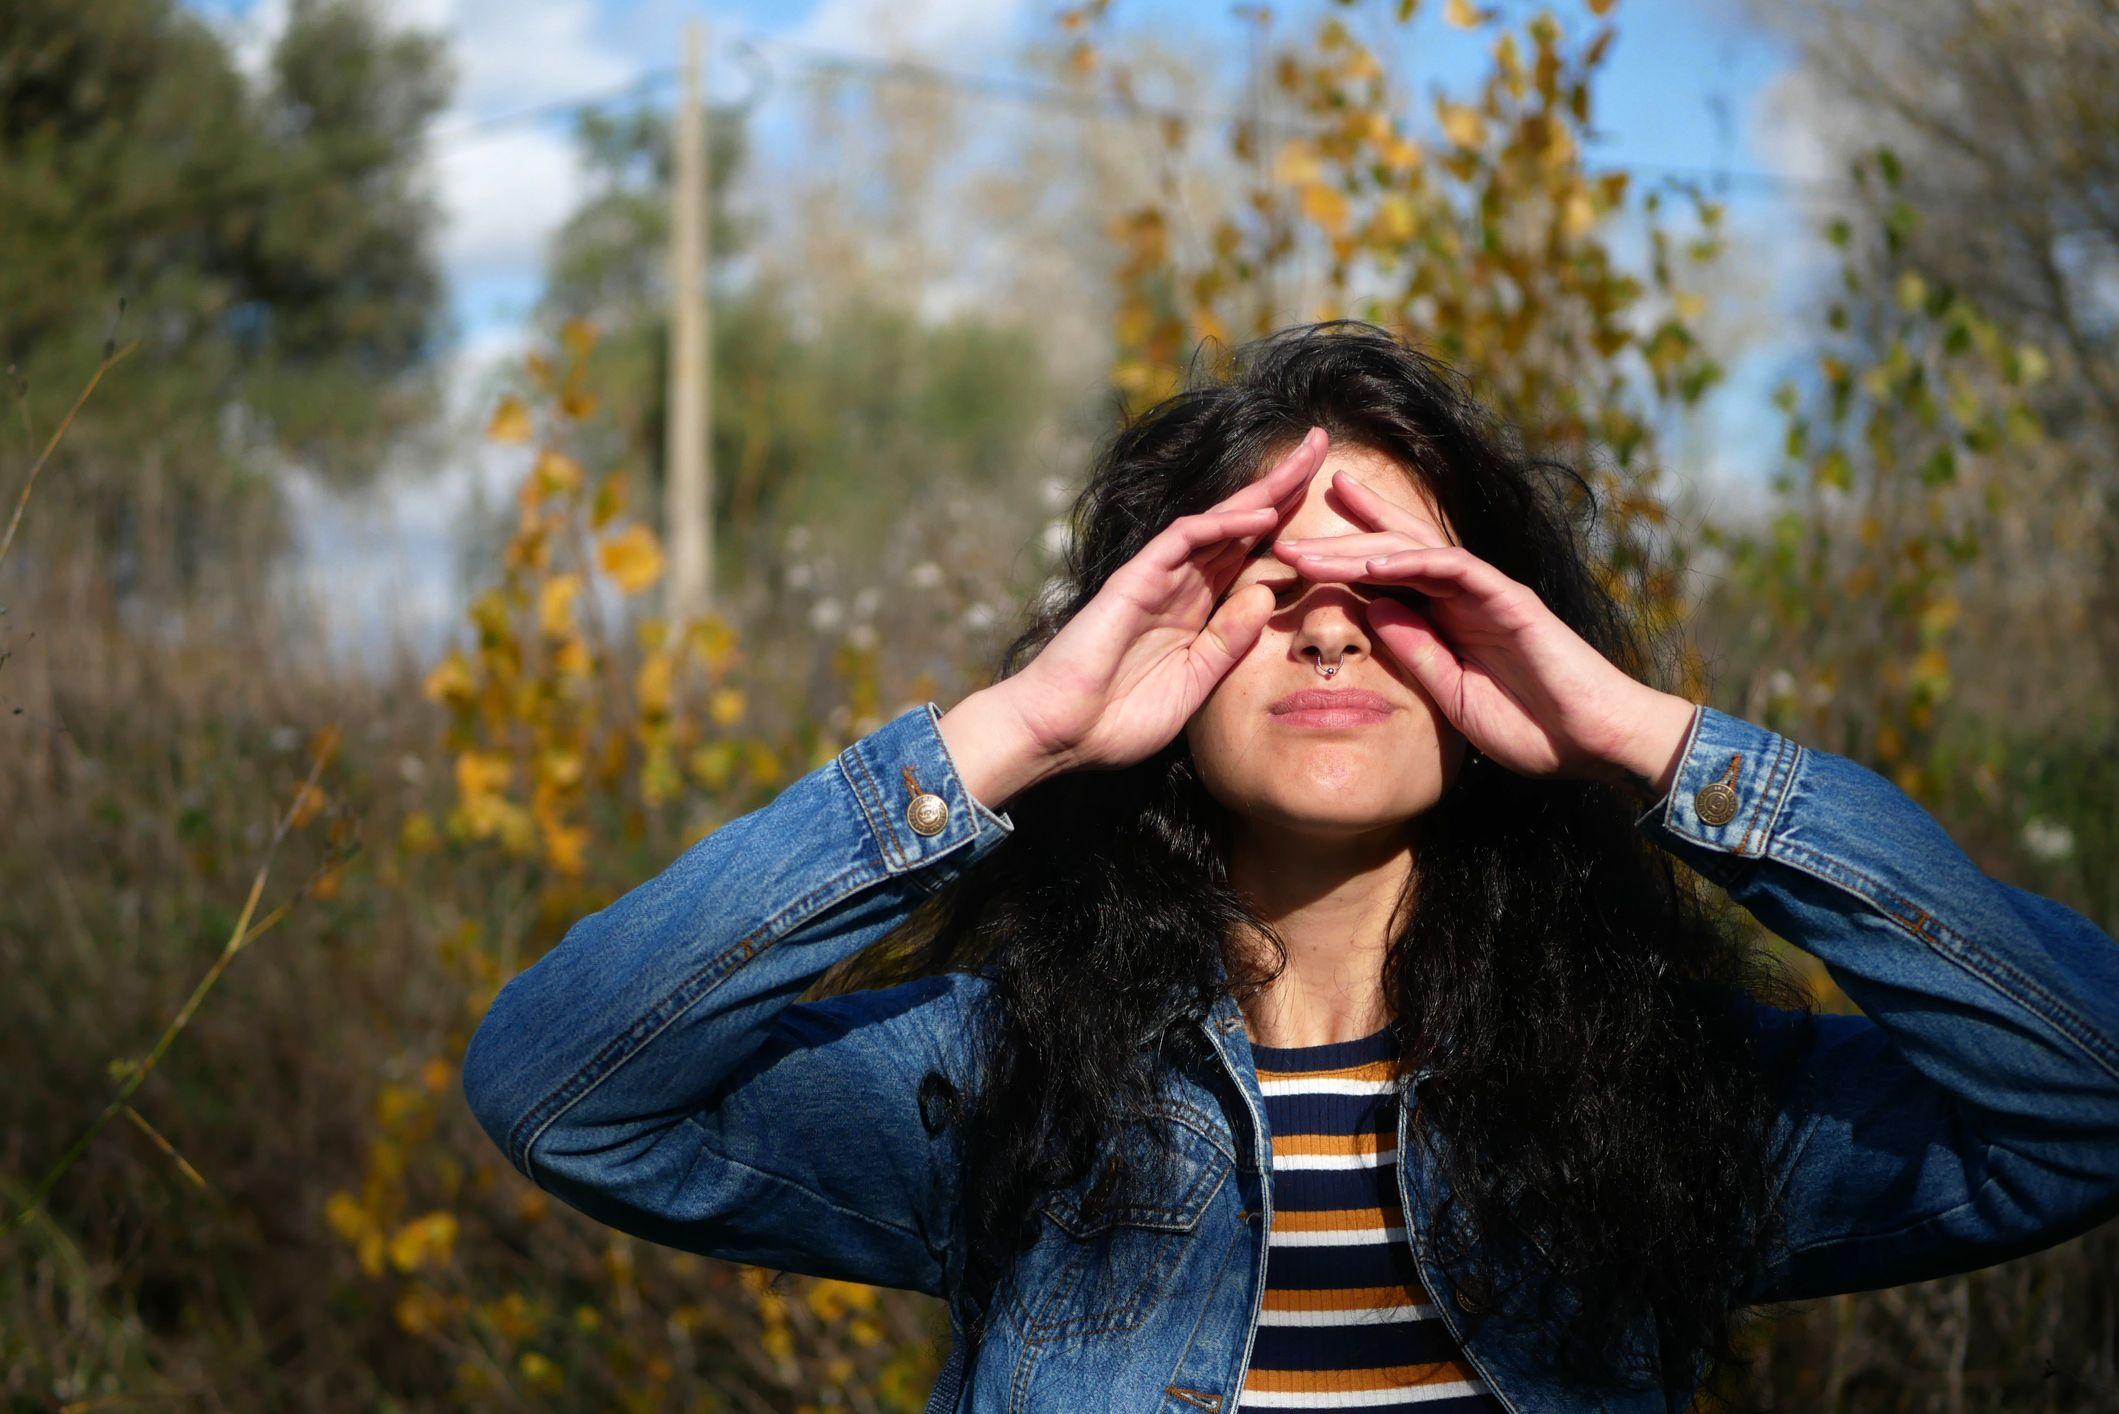 jovem esfregando os olhos em pé contra árvores na floresta